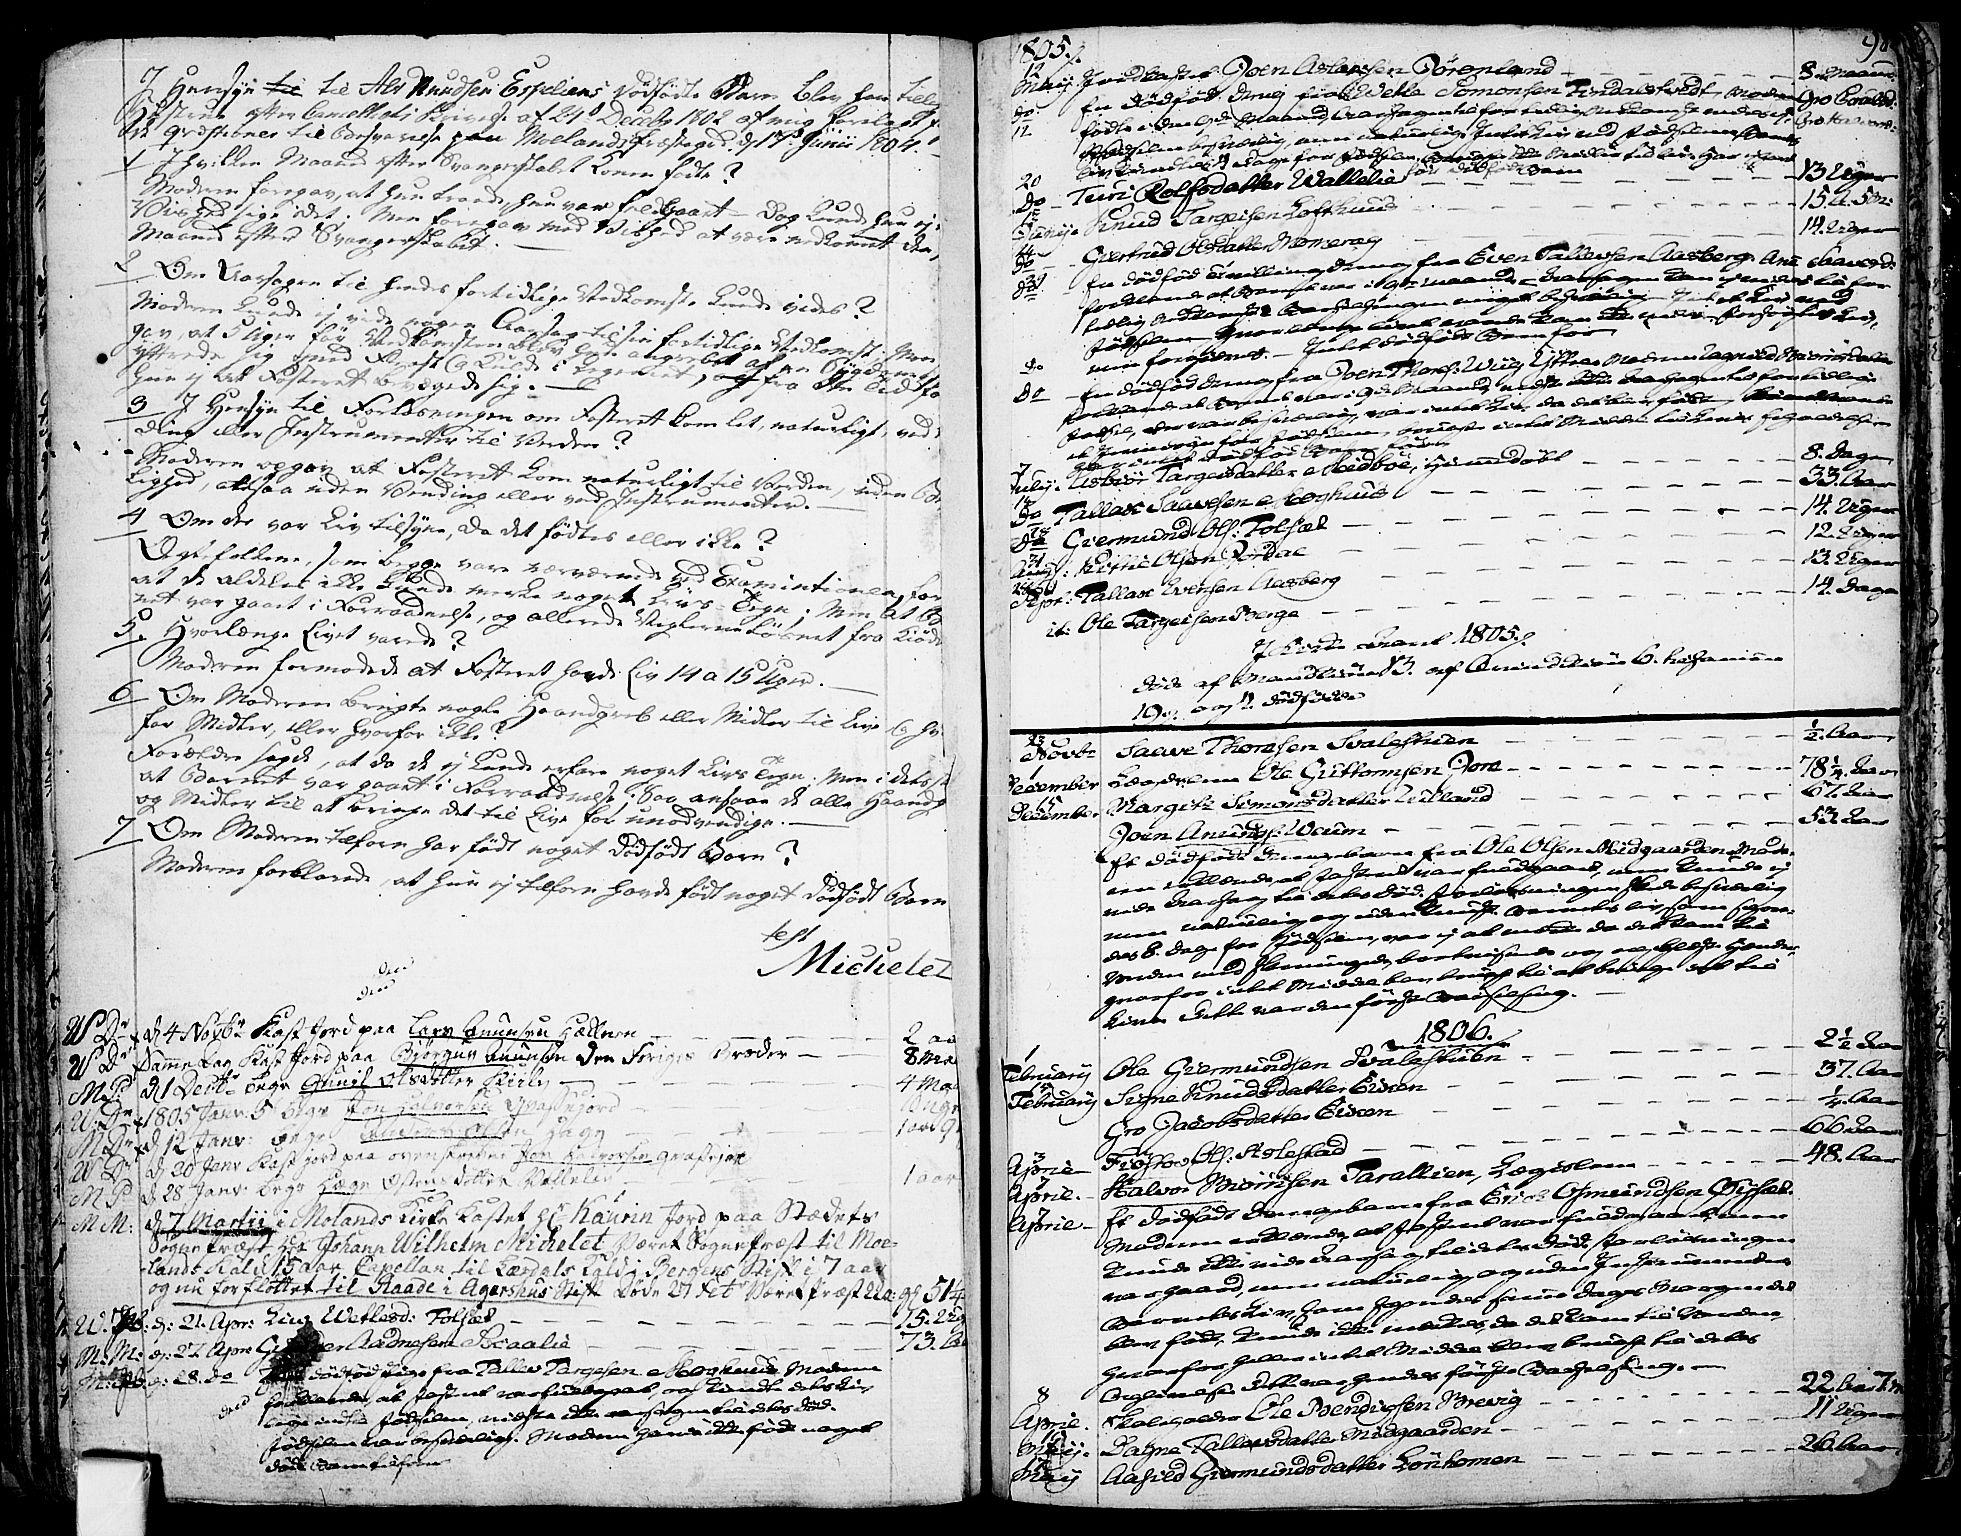 SAKO, Fyresdal kirkebøker, F/Fa/L0002: Ministerialbok nr. I 2, 1769-1814, s. 98